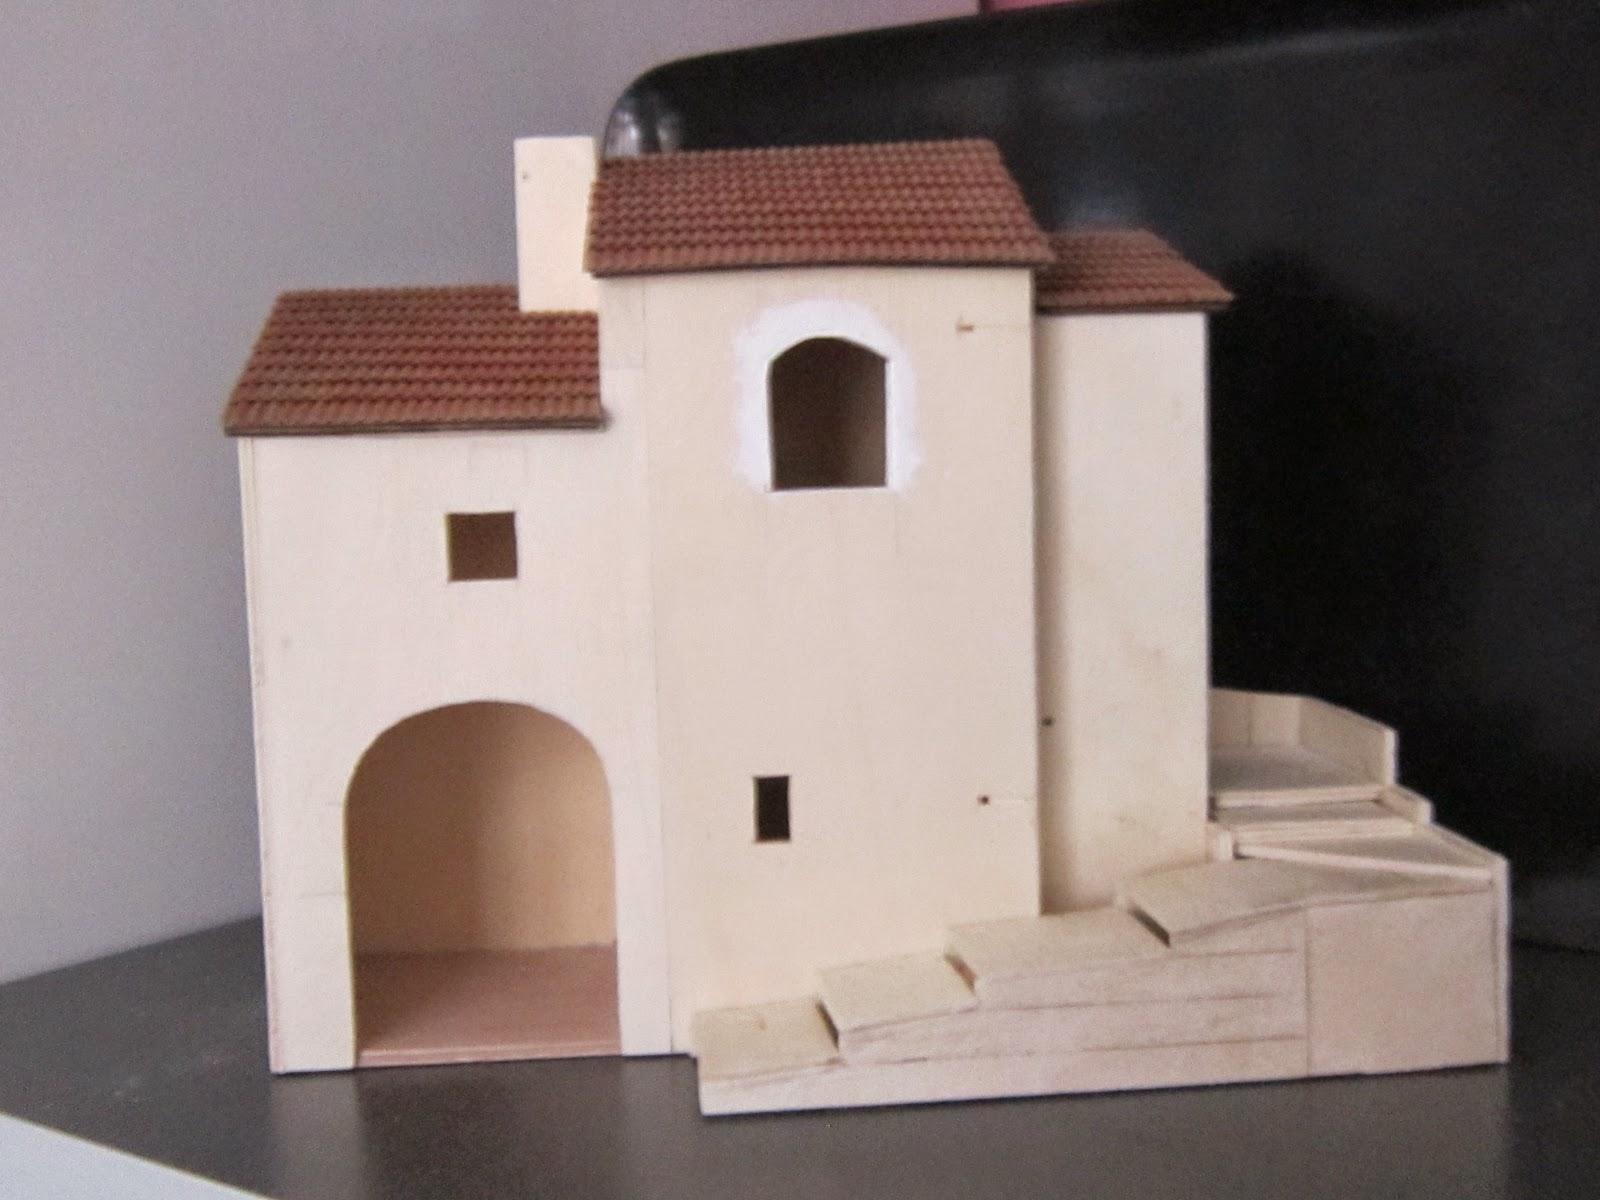 les miminiatures la troisi me maison du village les. Black Bedroom Furniture Sets. Home Design Ideas